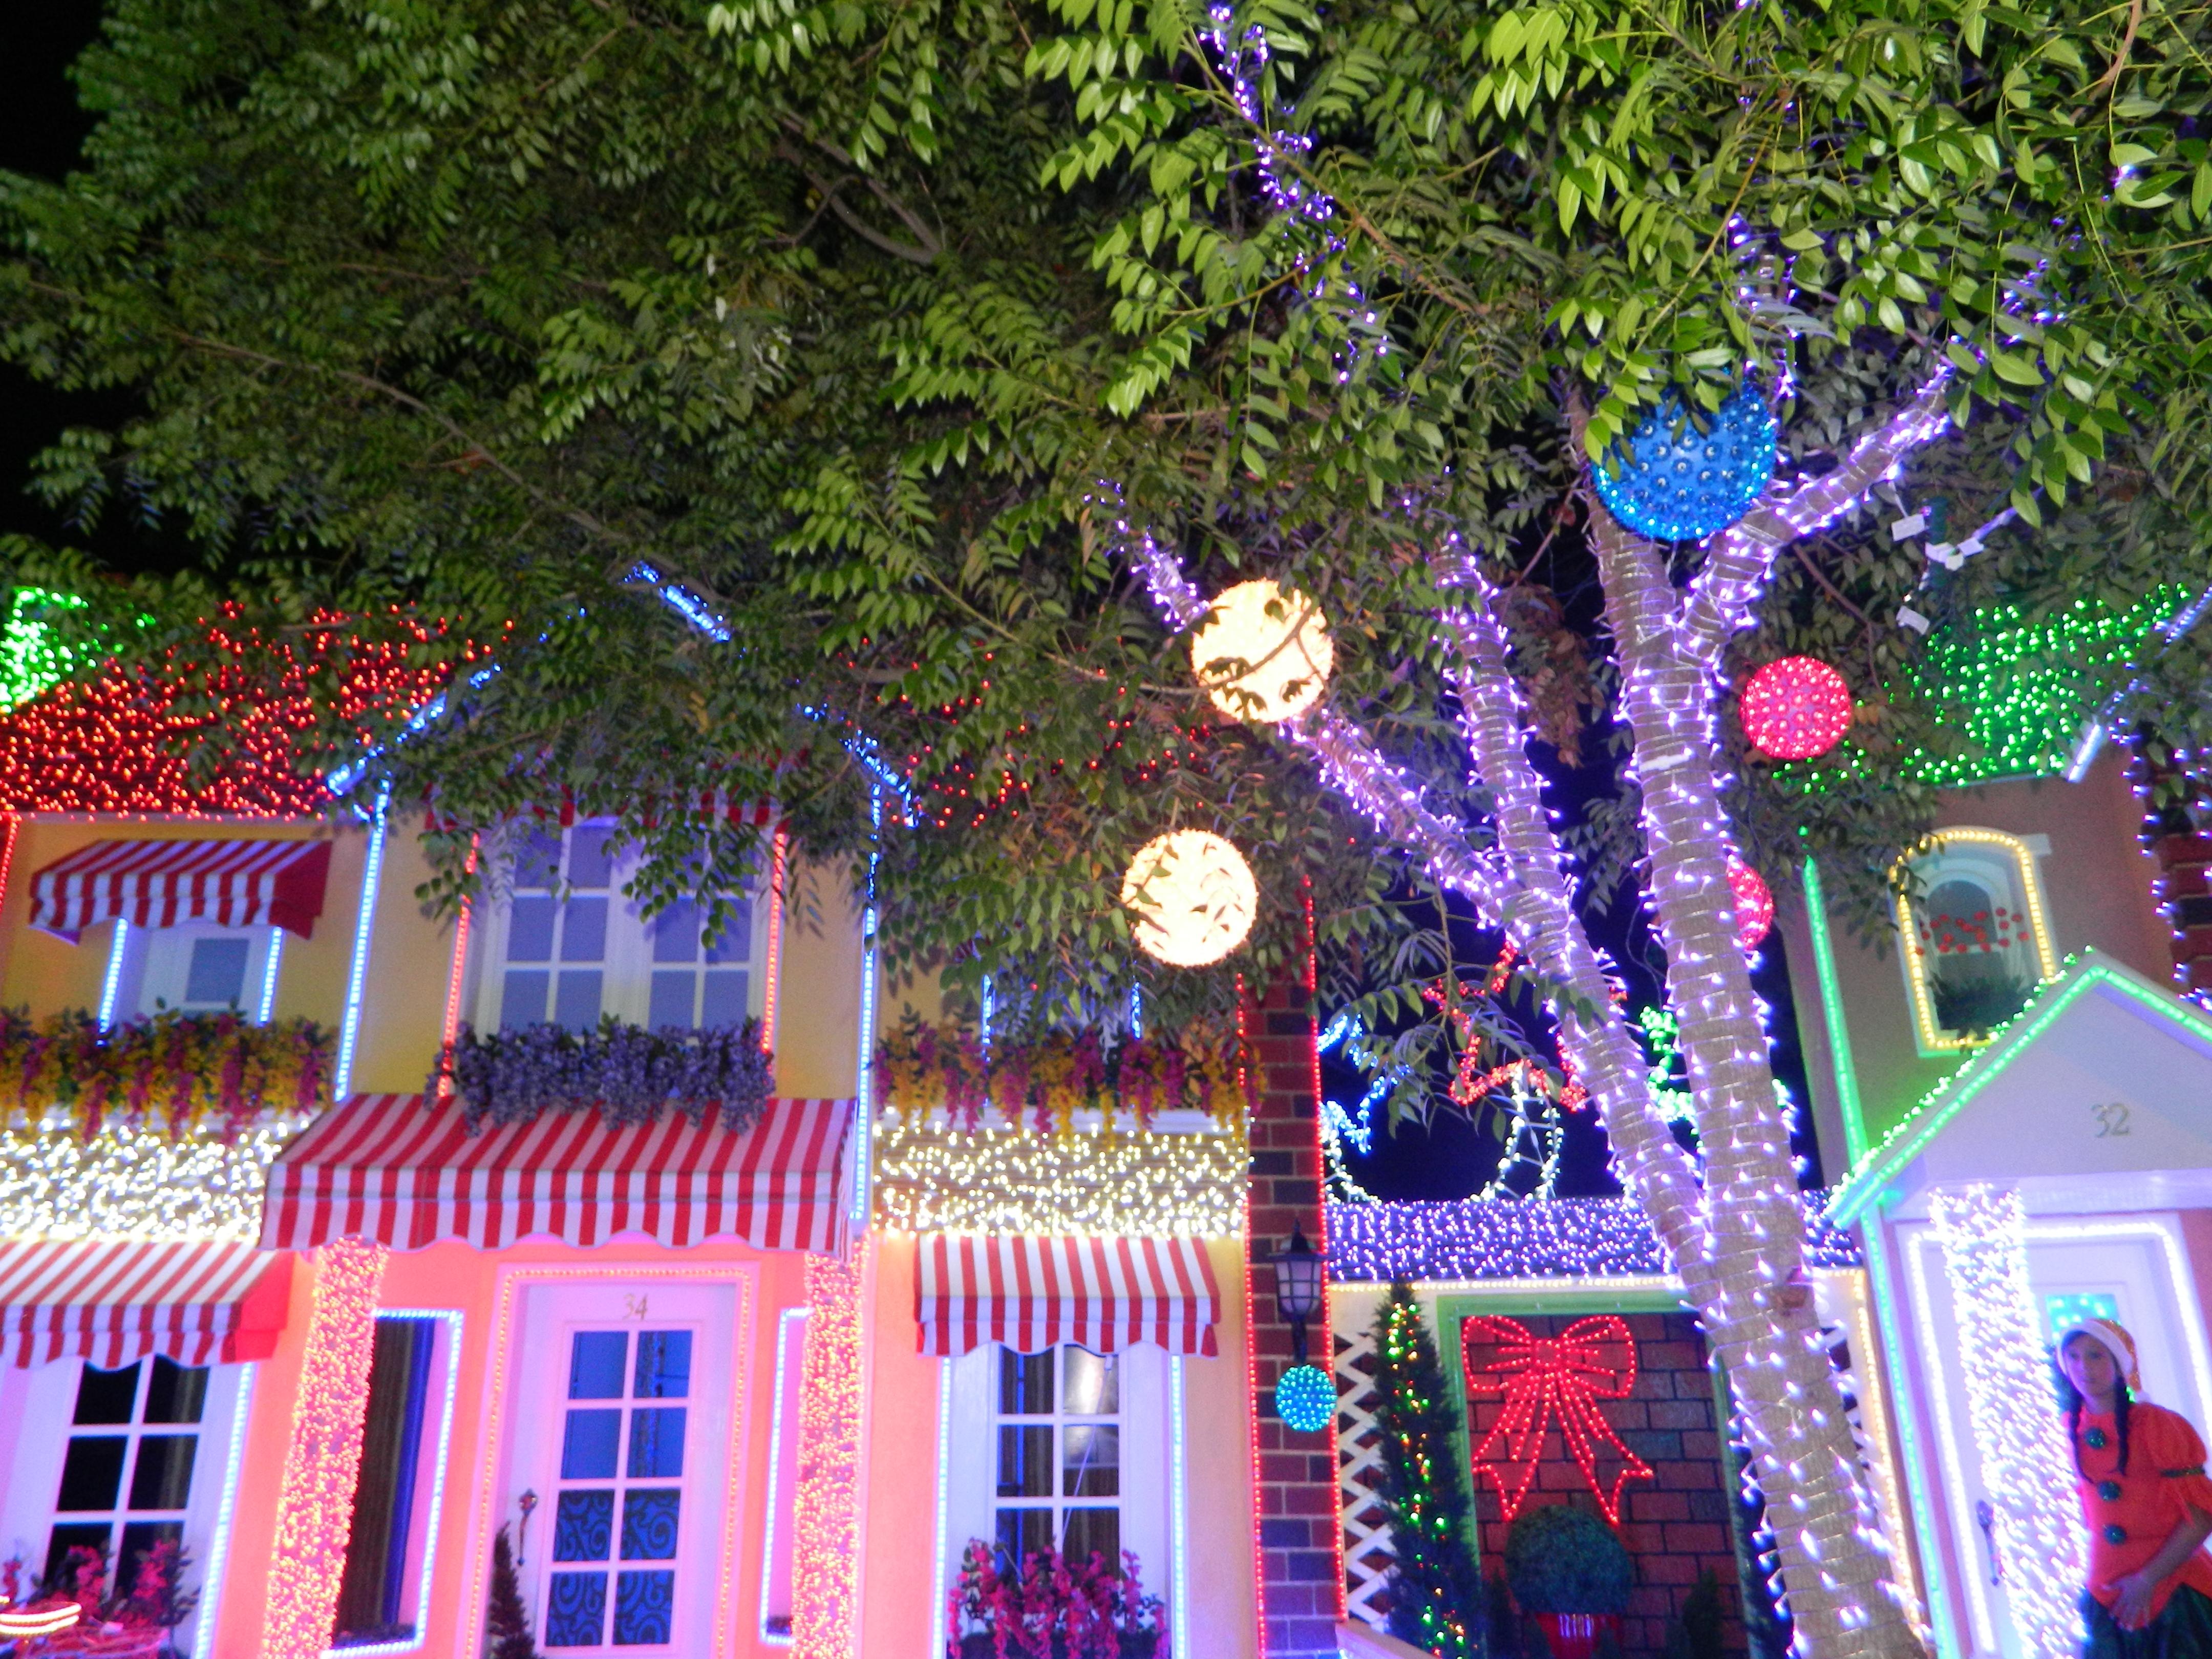 Ciudad en navidad decoremos con kiki - Casas decoradas en navidad ...